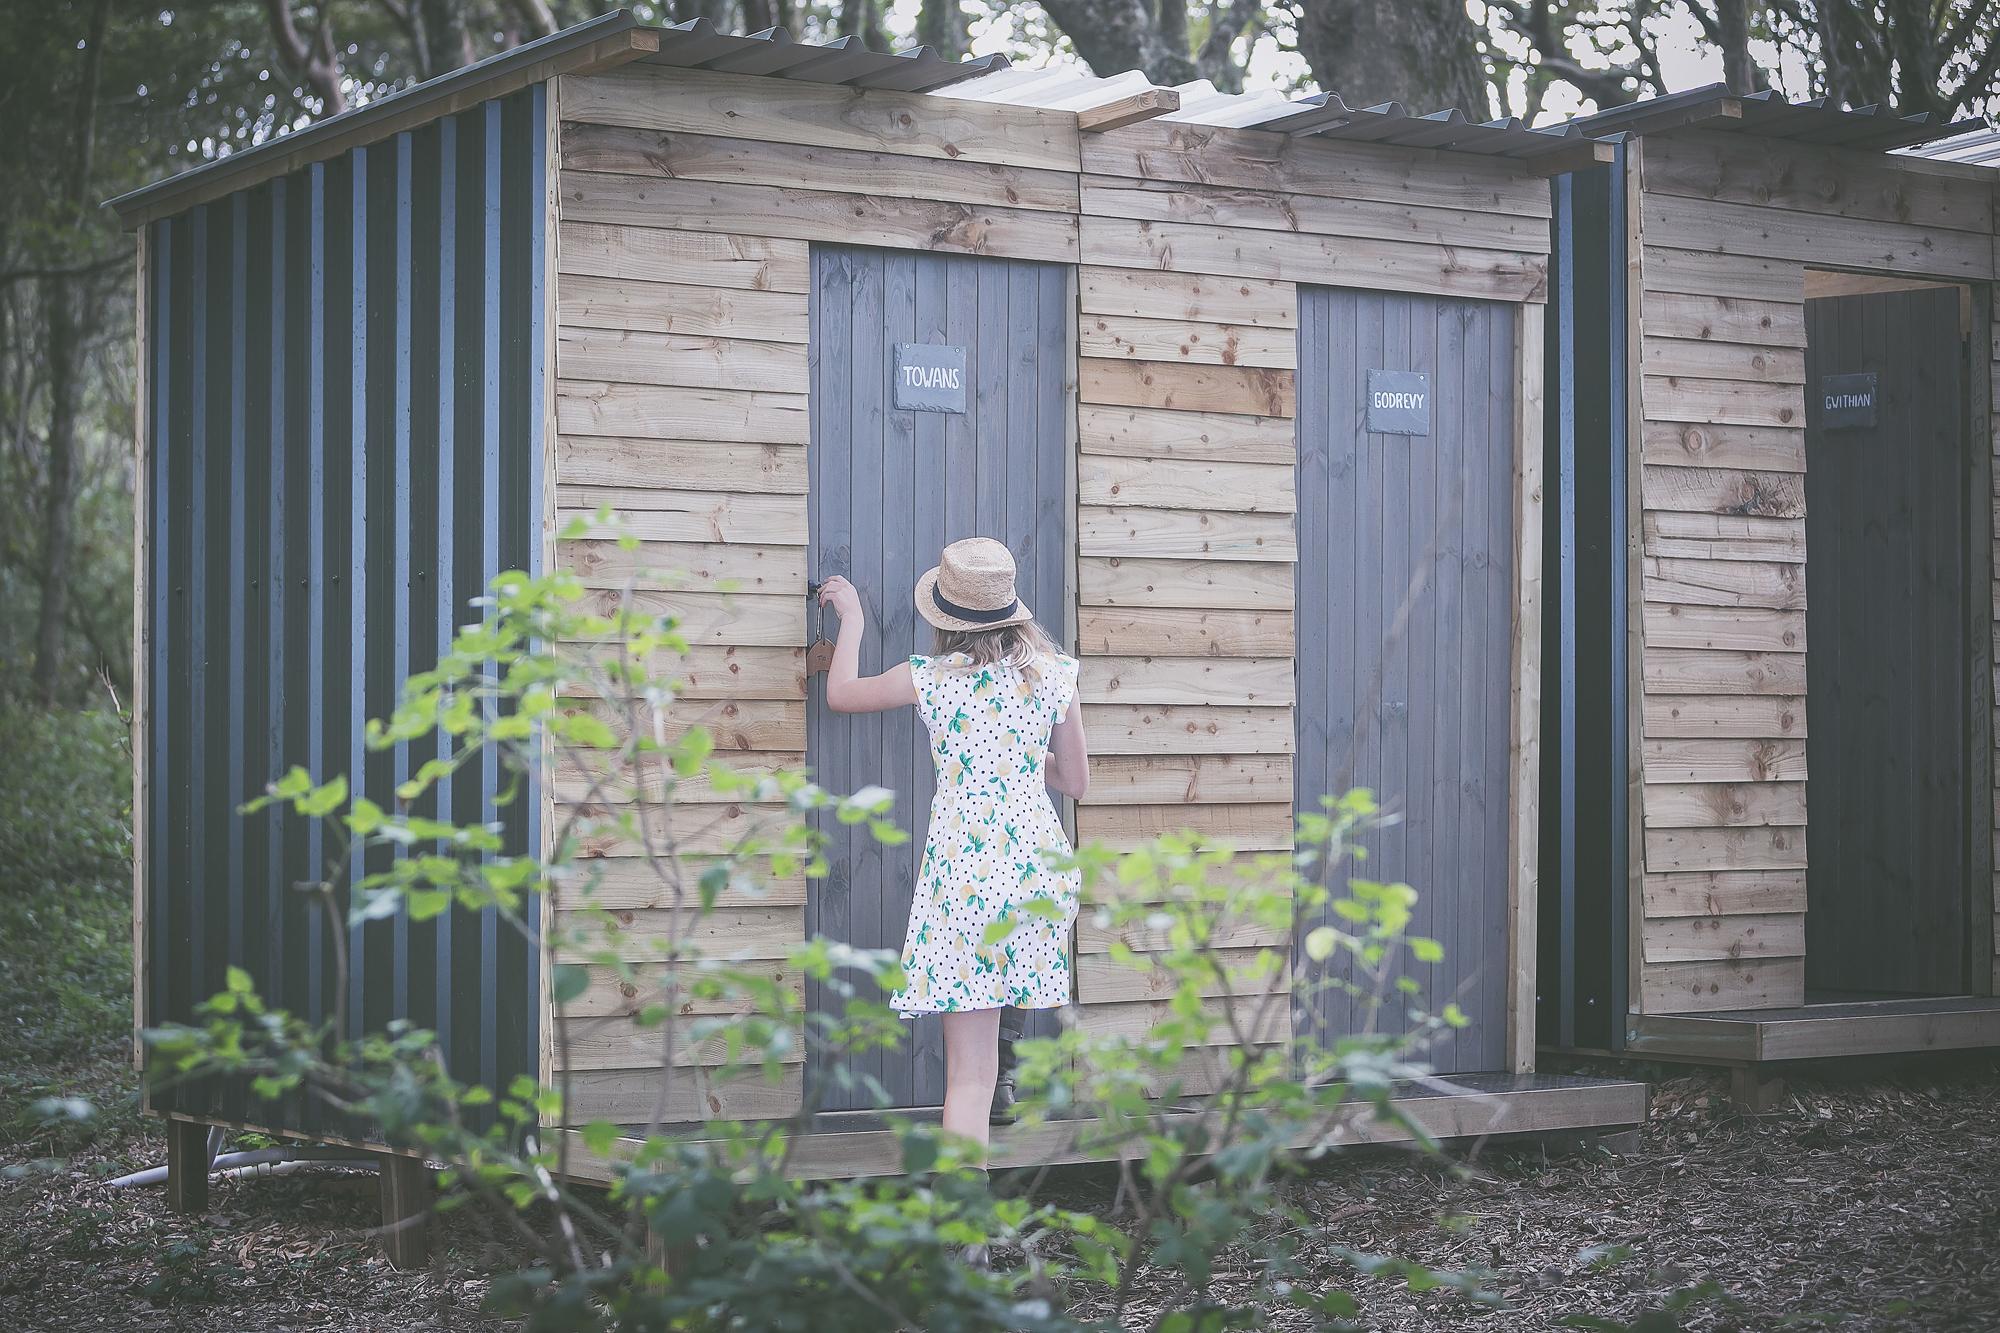 Bathrooms at Wildflower Wood